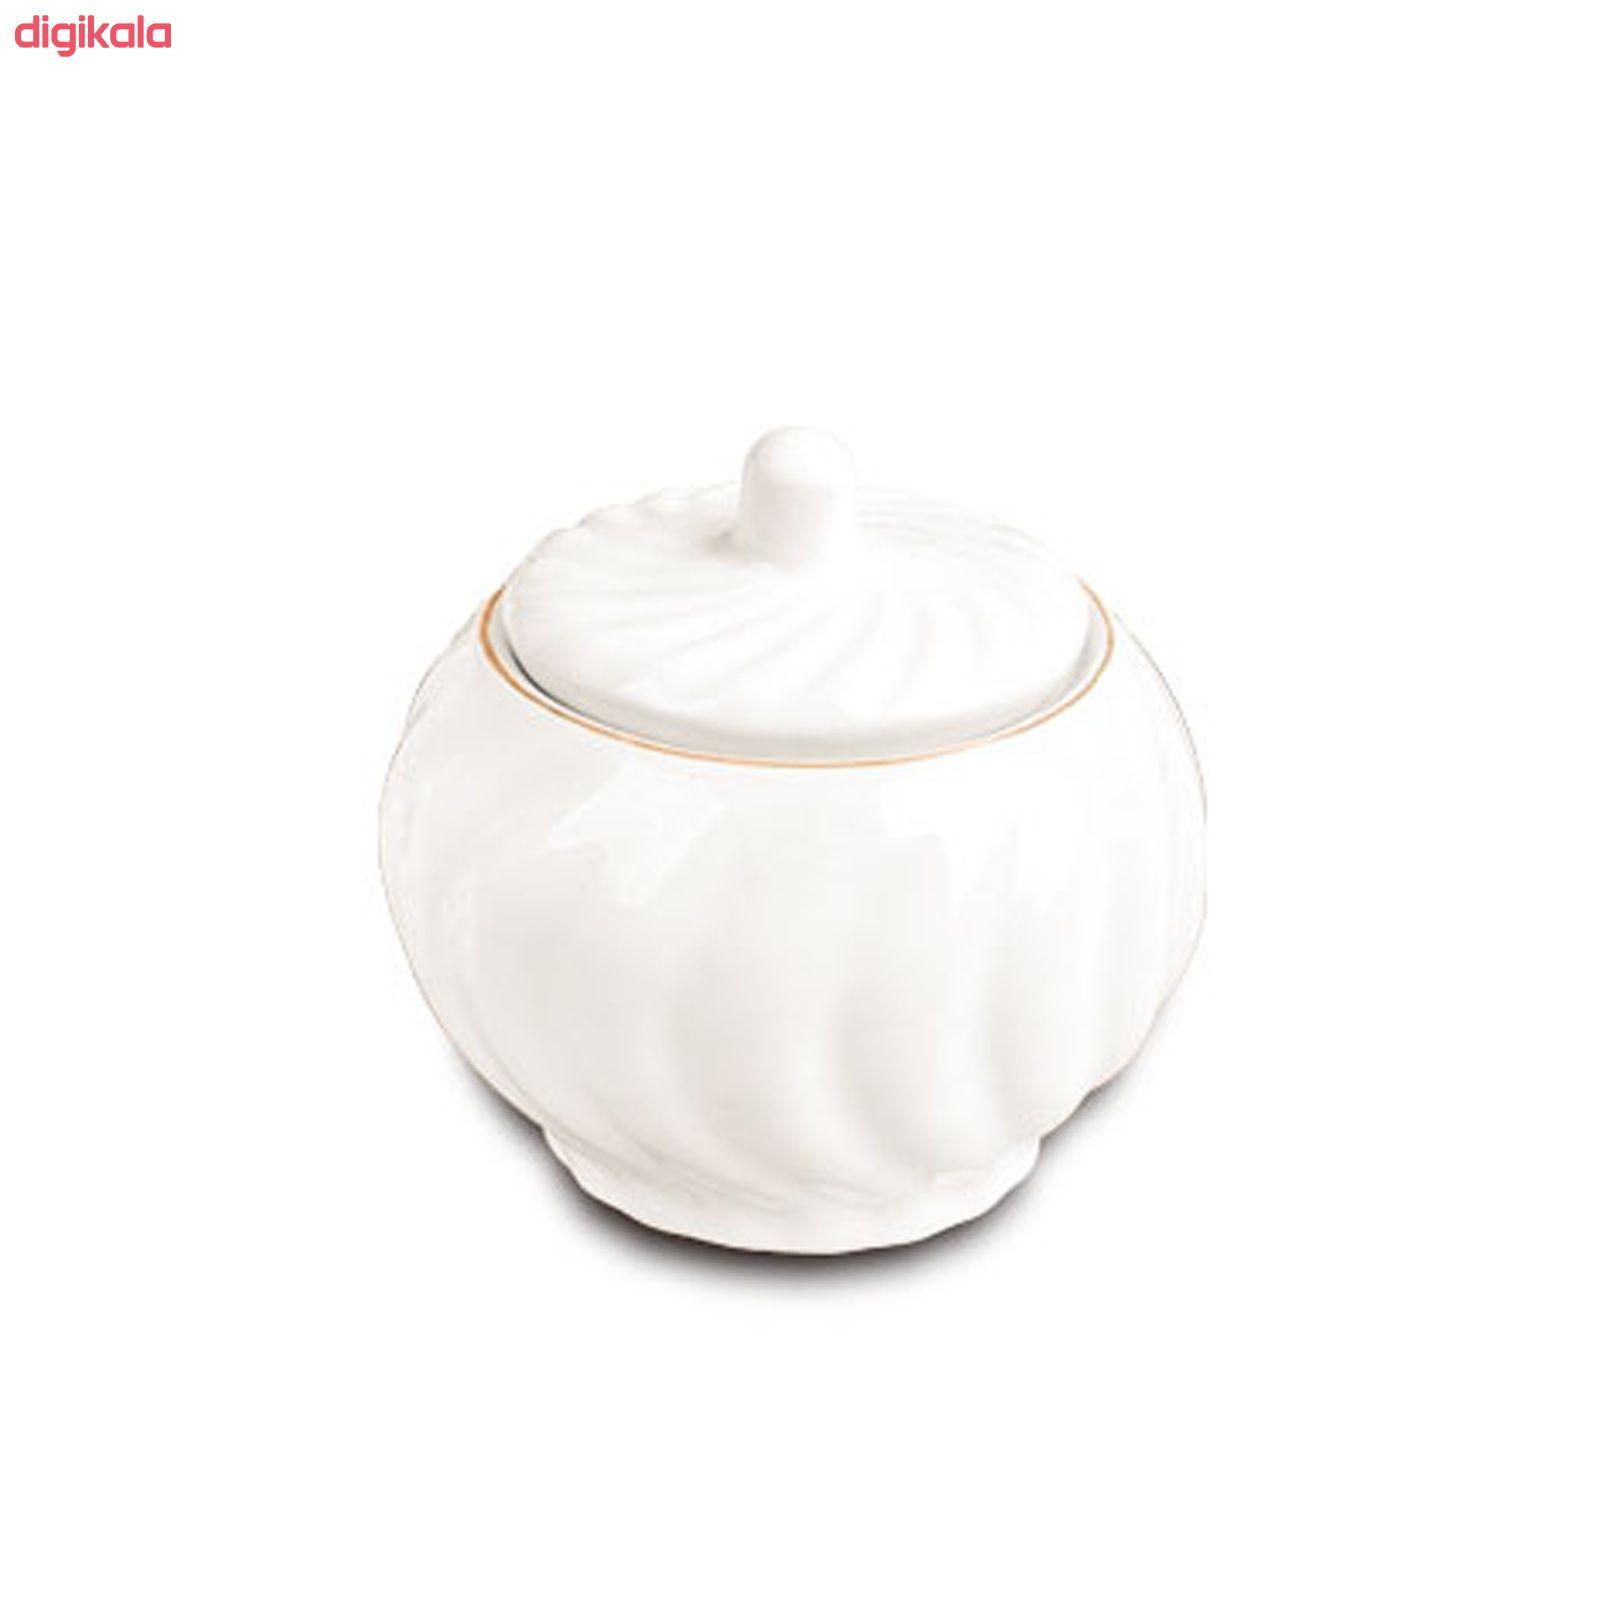 سرویس چای خوری 14 پارچه لمونژ مدل کارمن کد 504 main 1 4